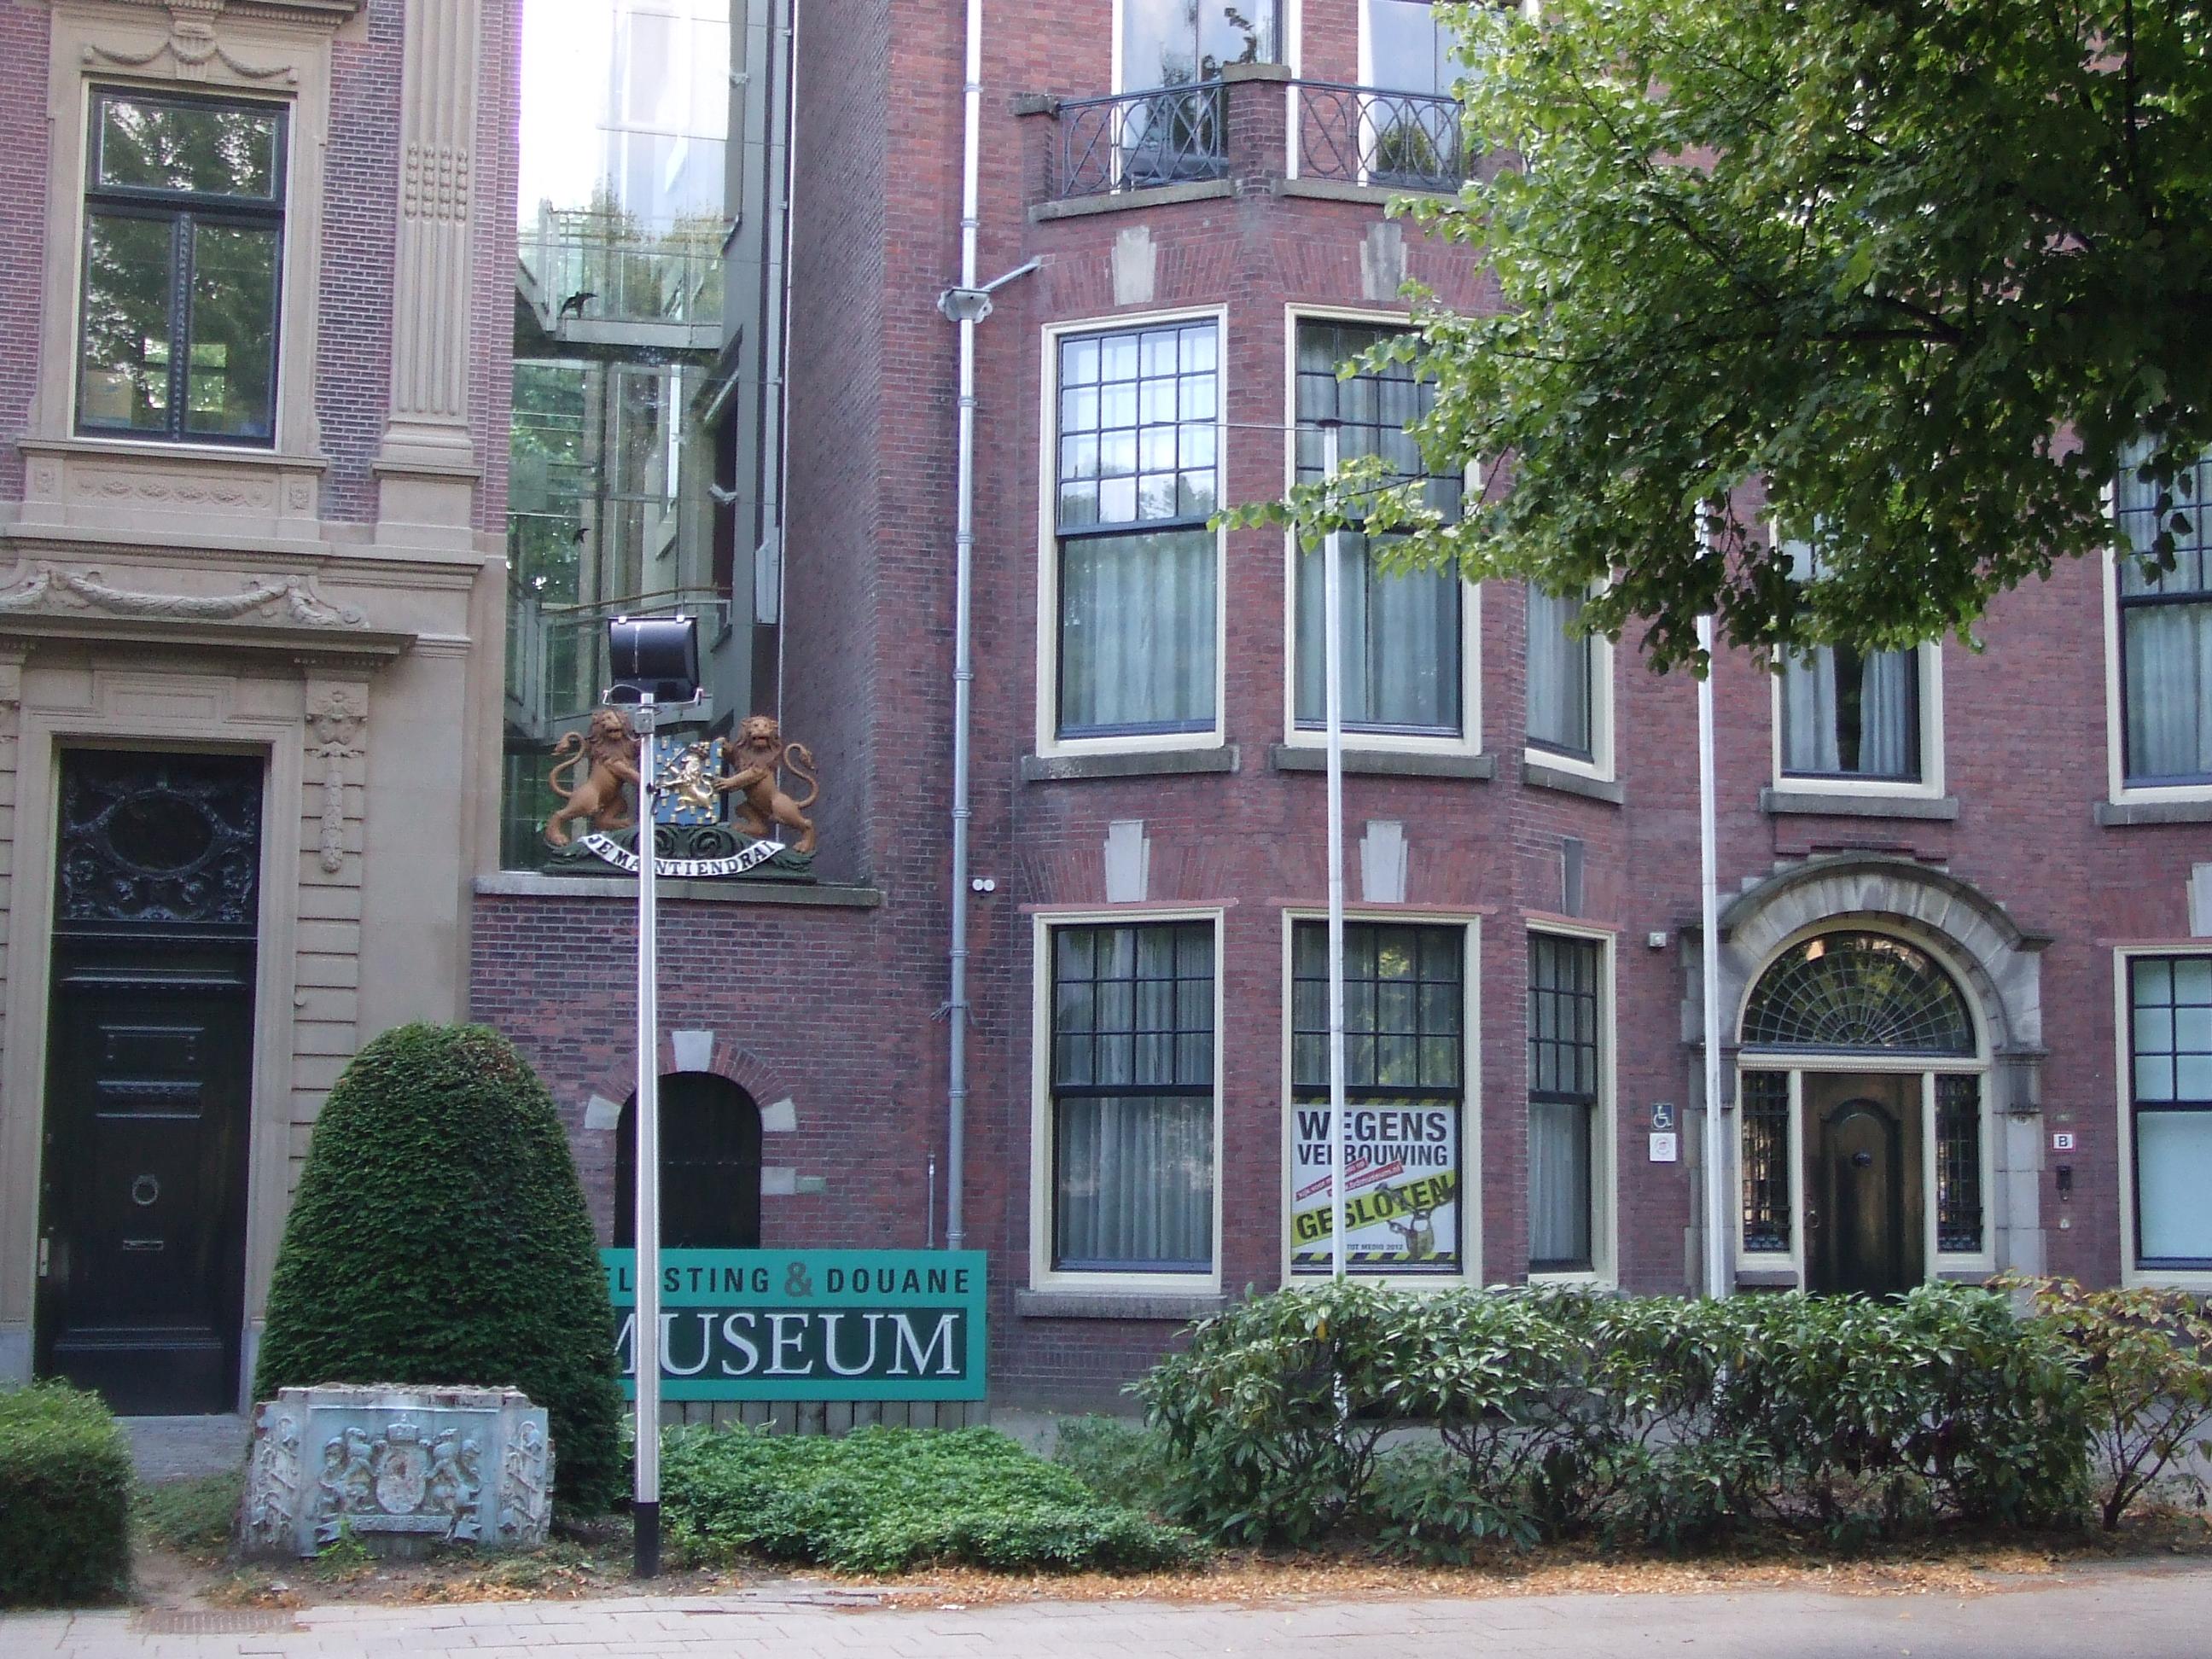 Belastingdienst Kantoor Rotterdam : Nieuwbouw huisvesting duo en belastingdienst de architect